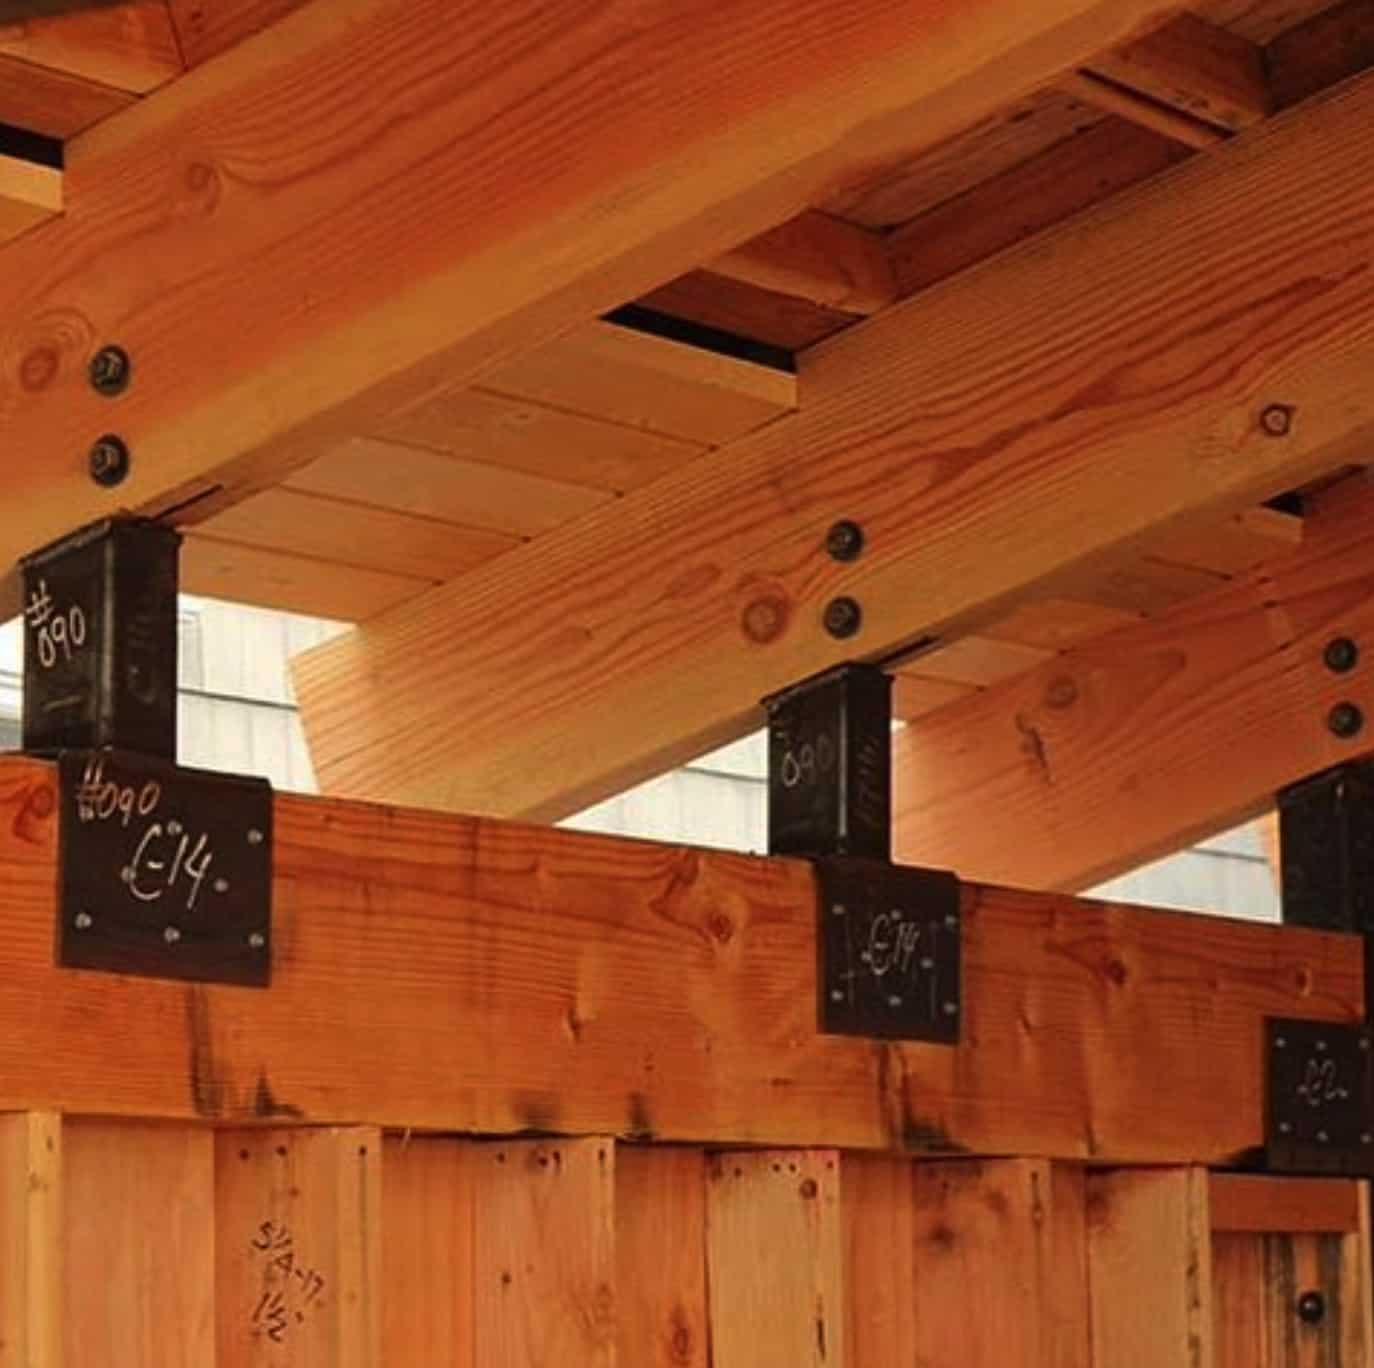 art-barn-ceiling-detail